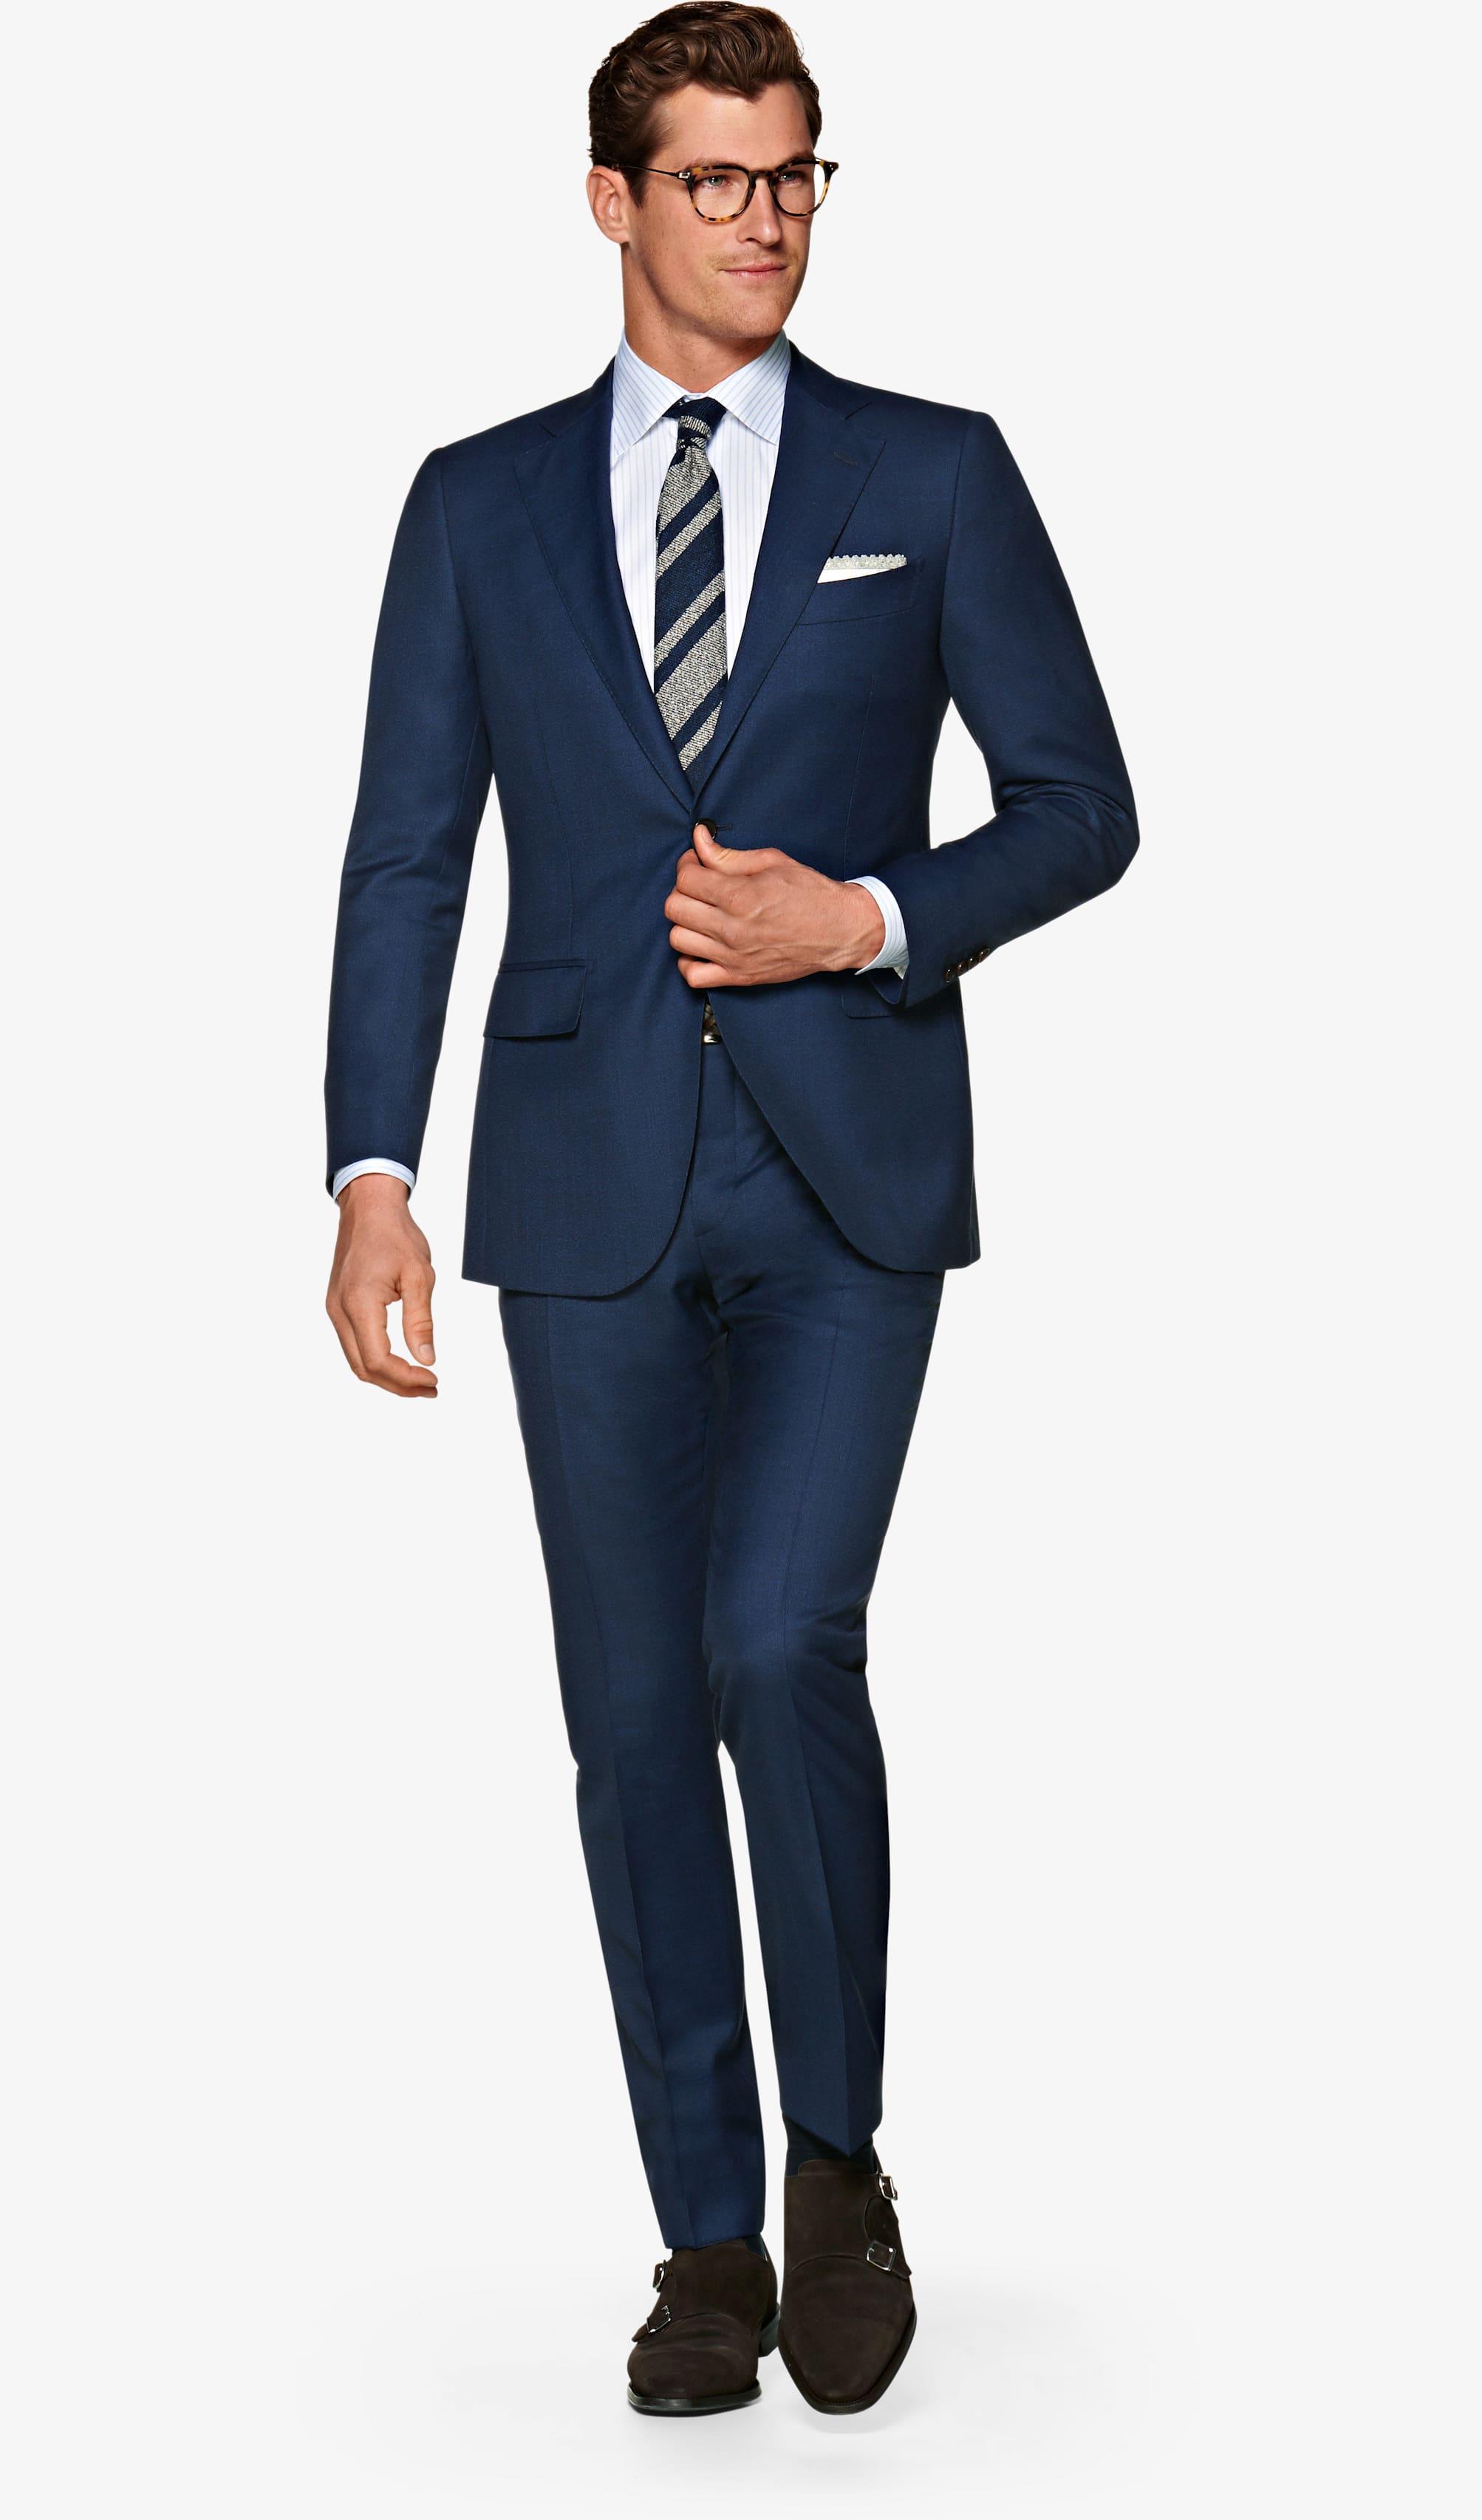 8d5378ac26b65 Suit Navy Plain Lazio P5518. Video. Lazio Navy Suit Pure Wool S120 s